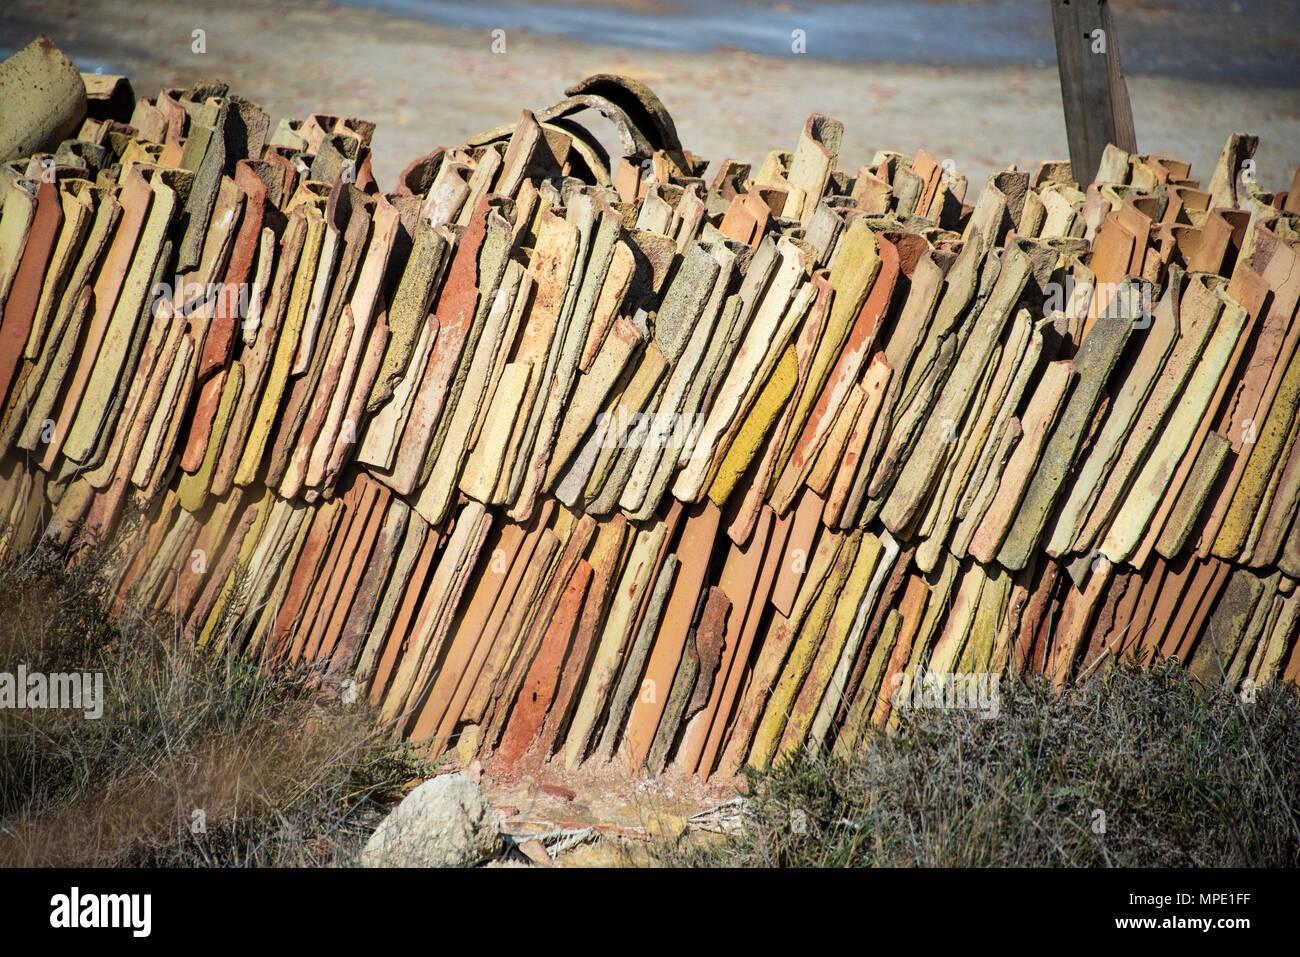 Baldosas de terracota utilizado para cubrir los montones de sal, Moxia, Marsala, Sicilia Imagen De Stock